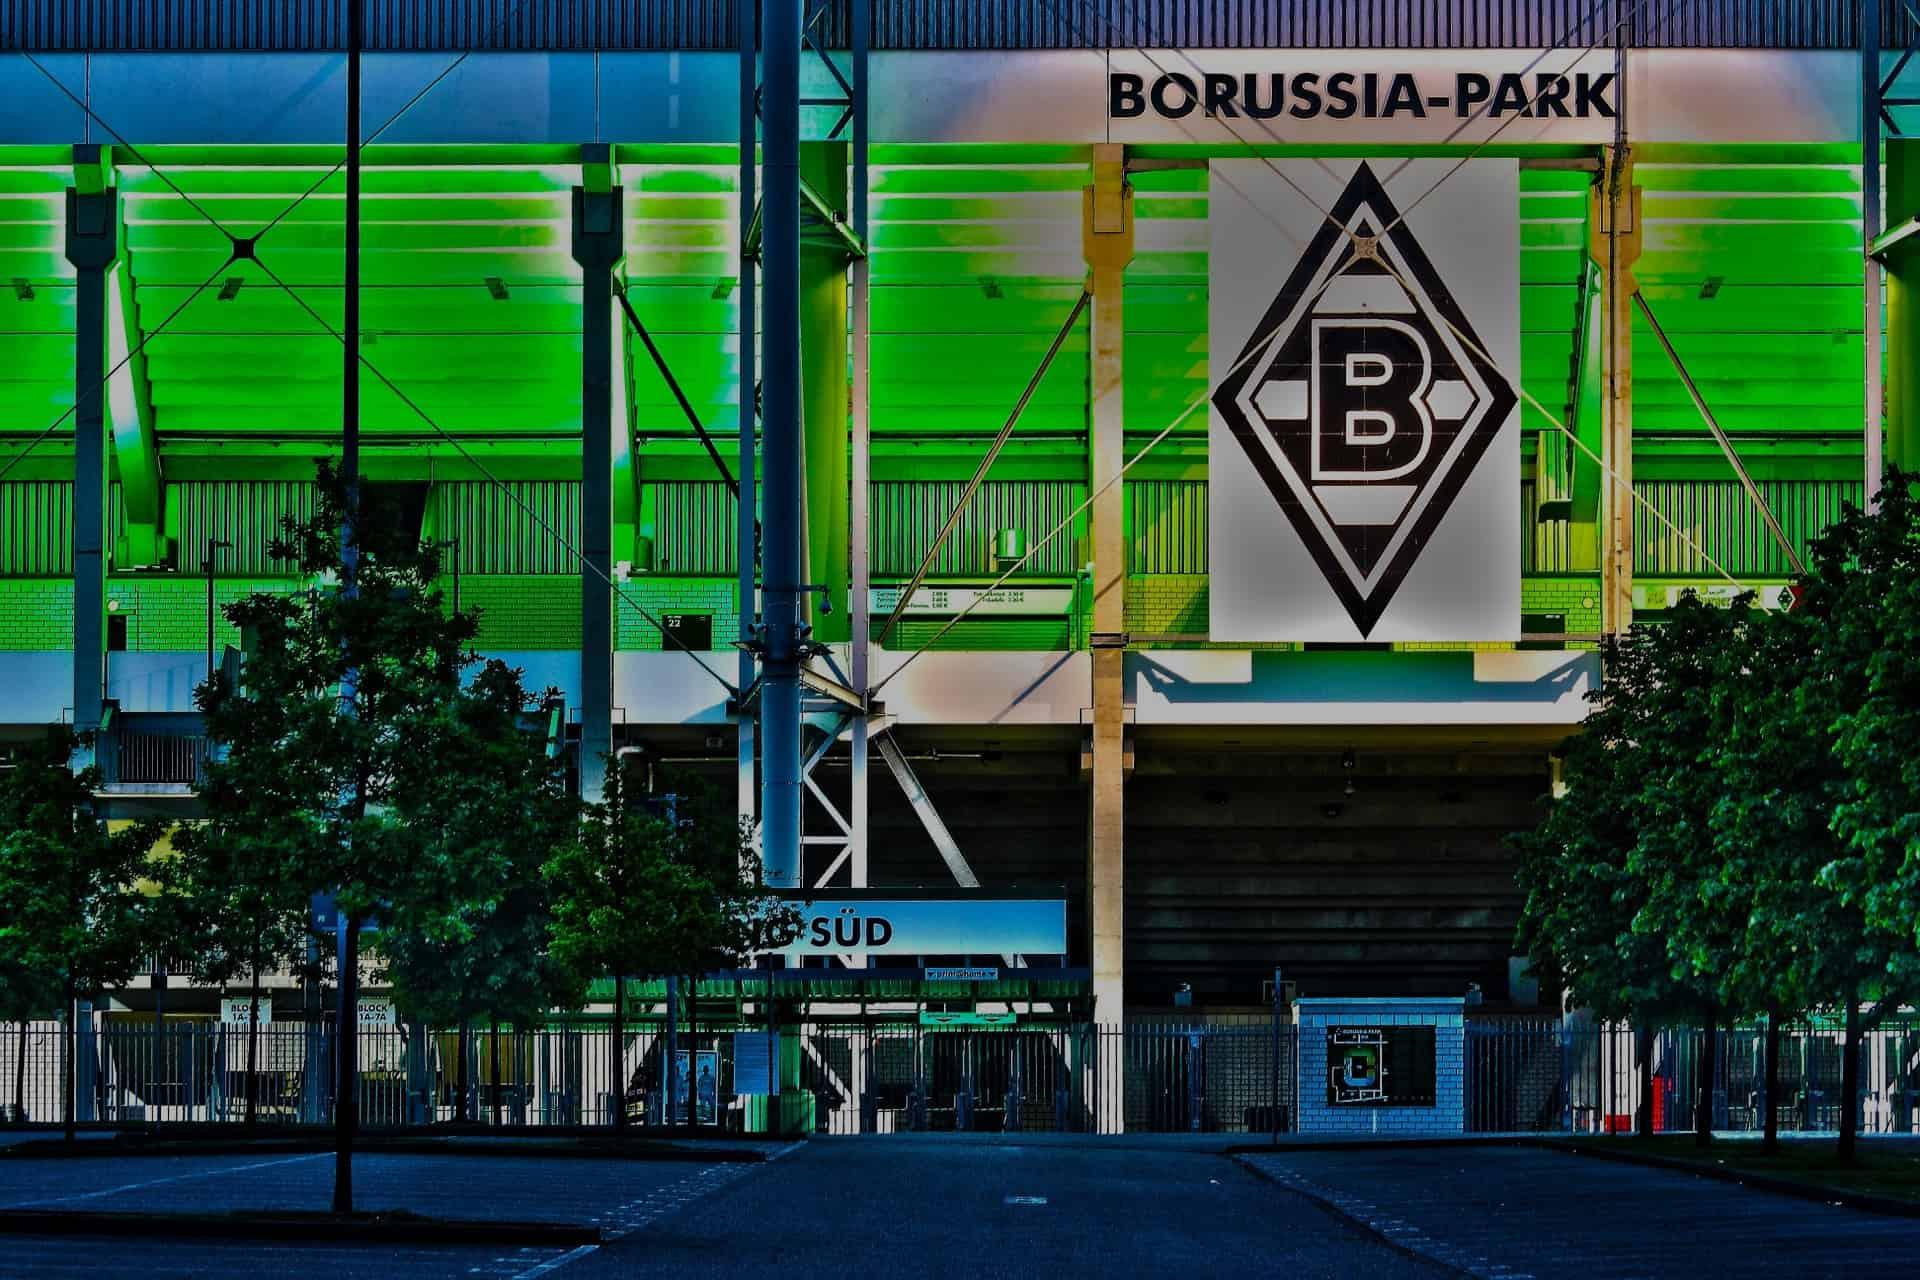 Jünter besucht den Pelikan – Borussia spendet für den Toberaum